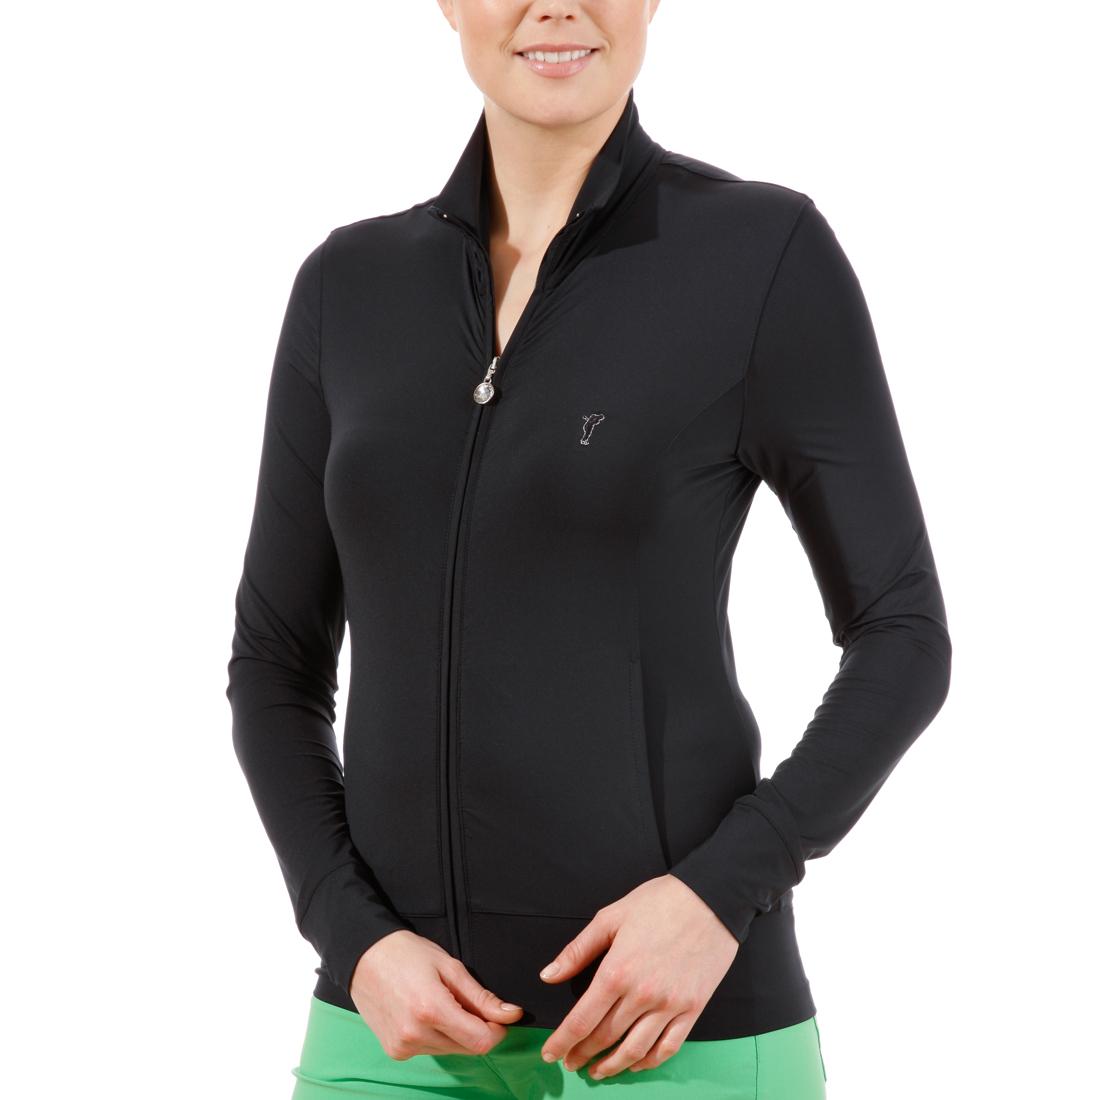 Leichter Jersey-Sweater mit UV-Schutz